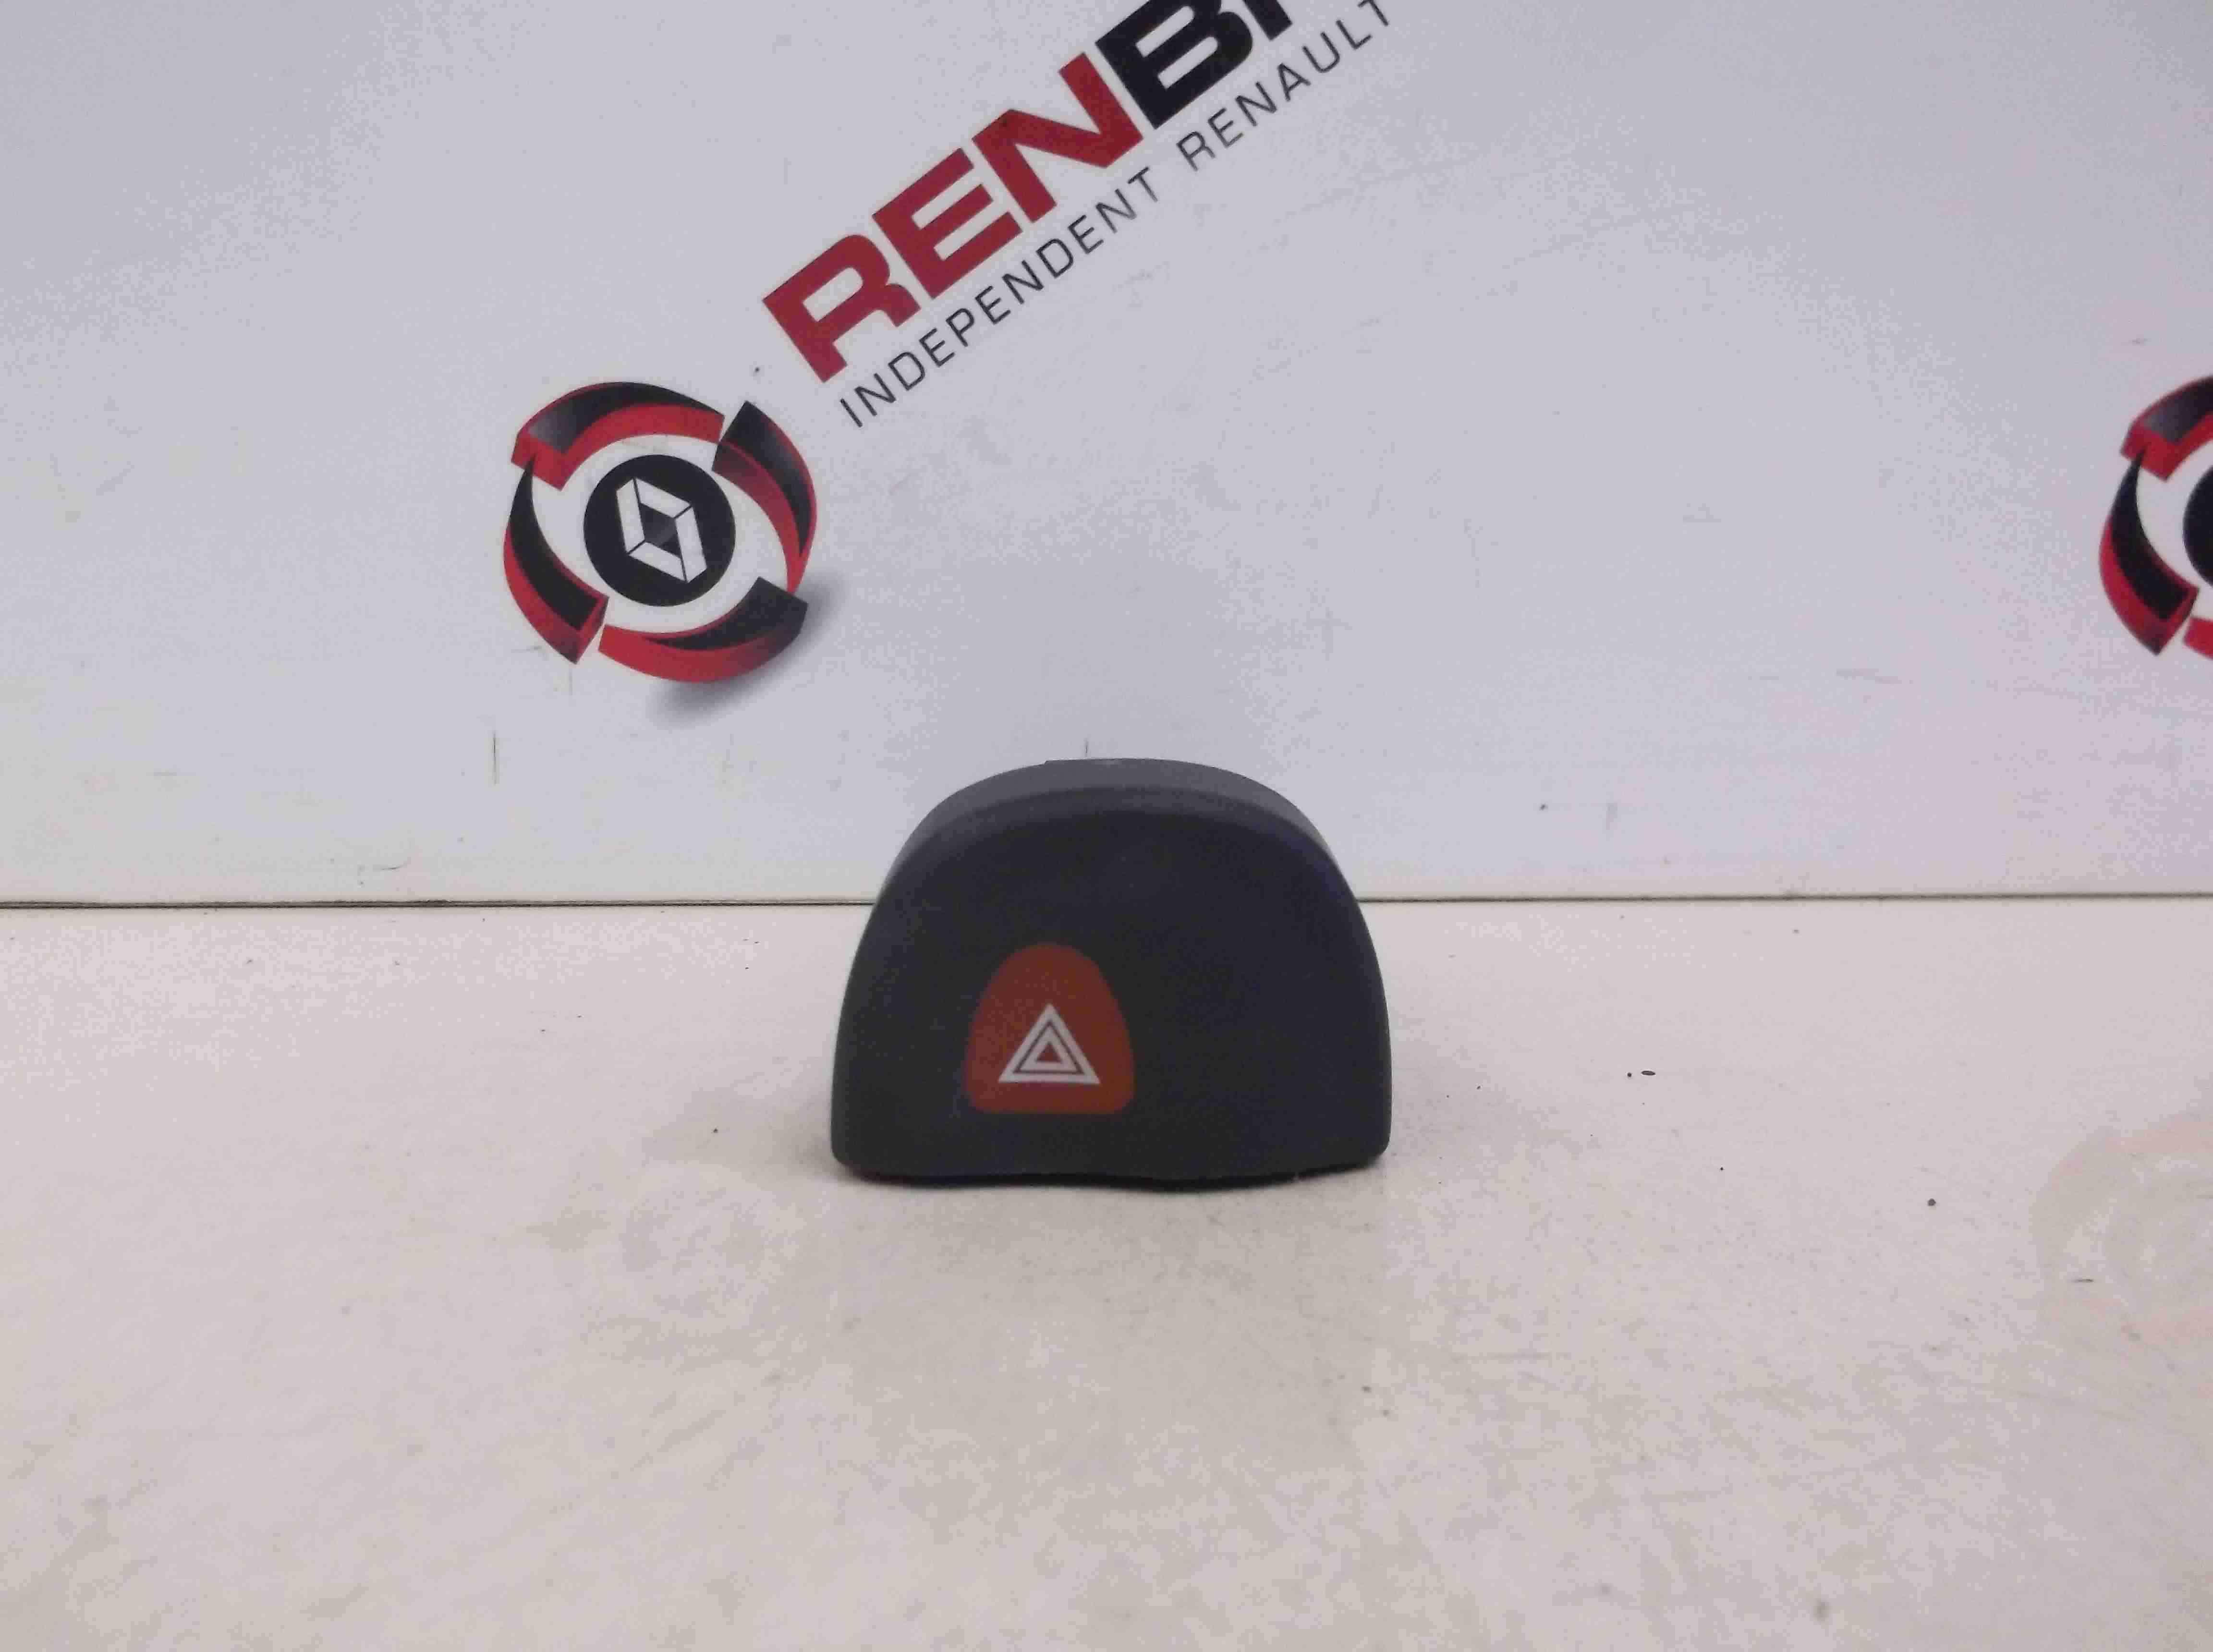 Renault Megane 1999-2002 Hazard Warning Switch